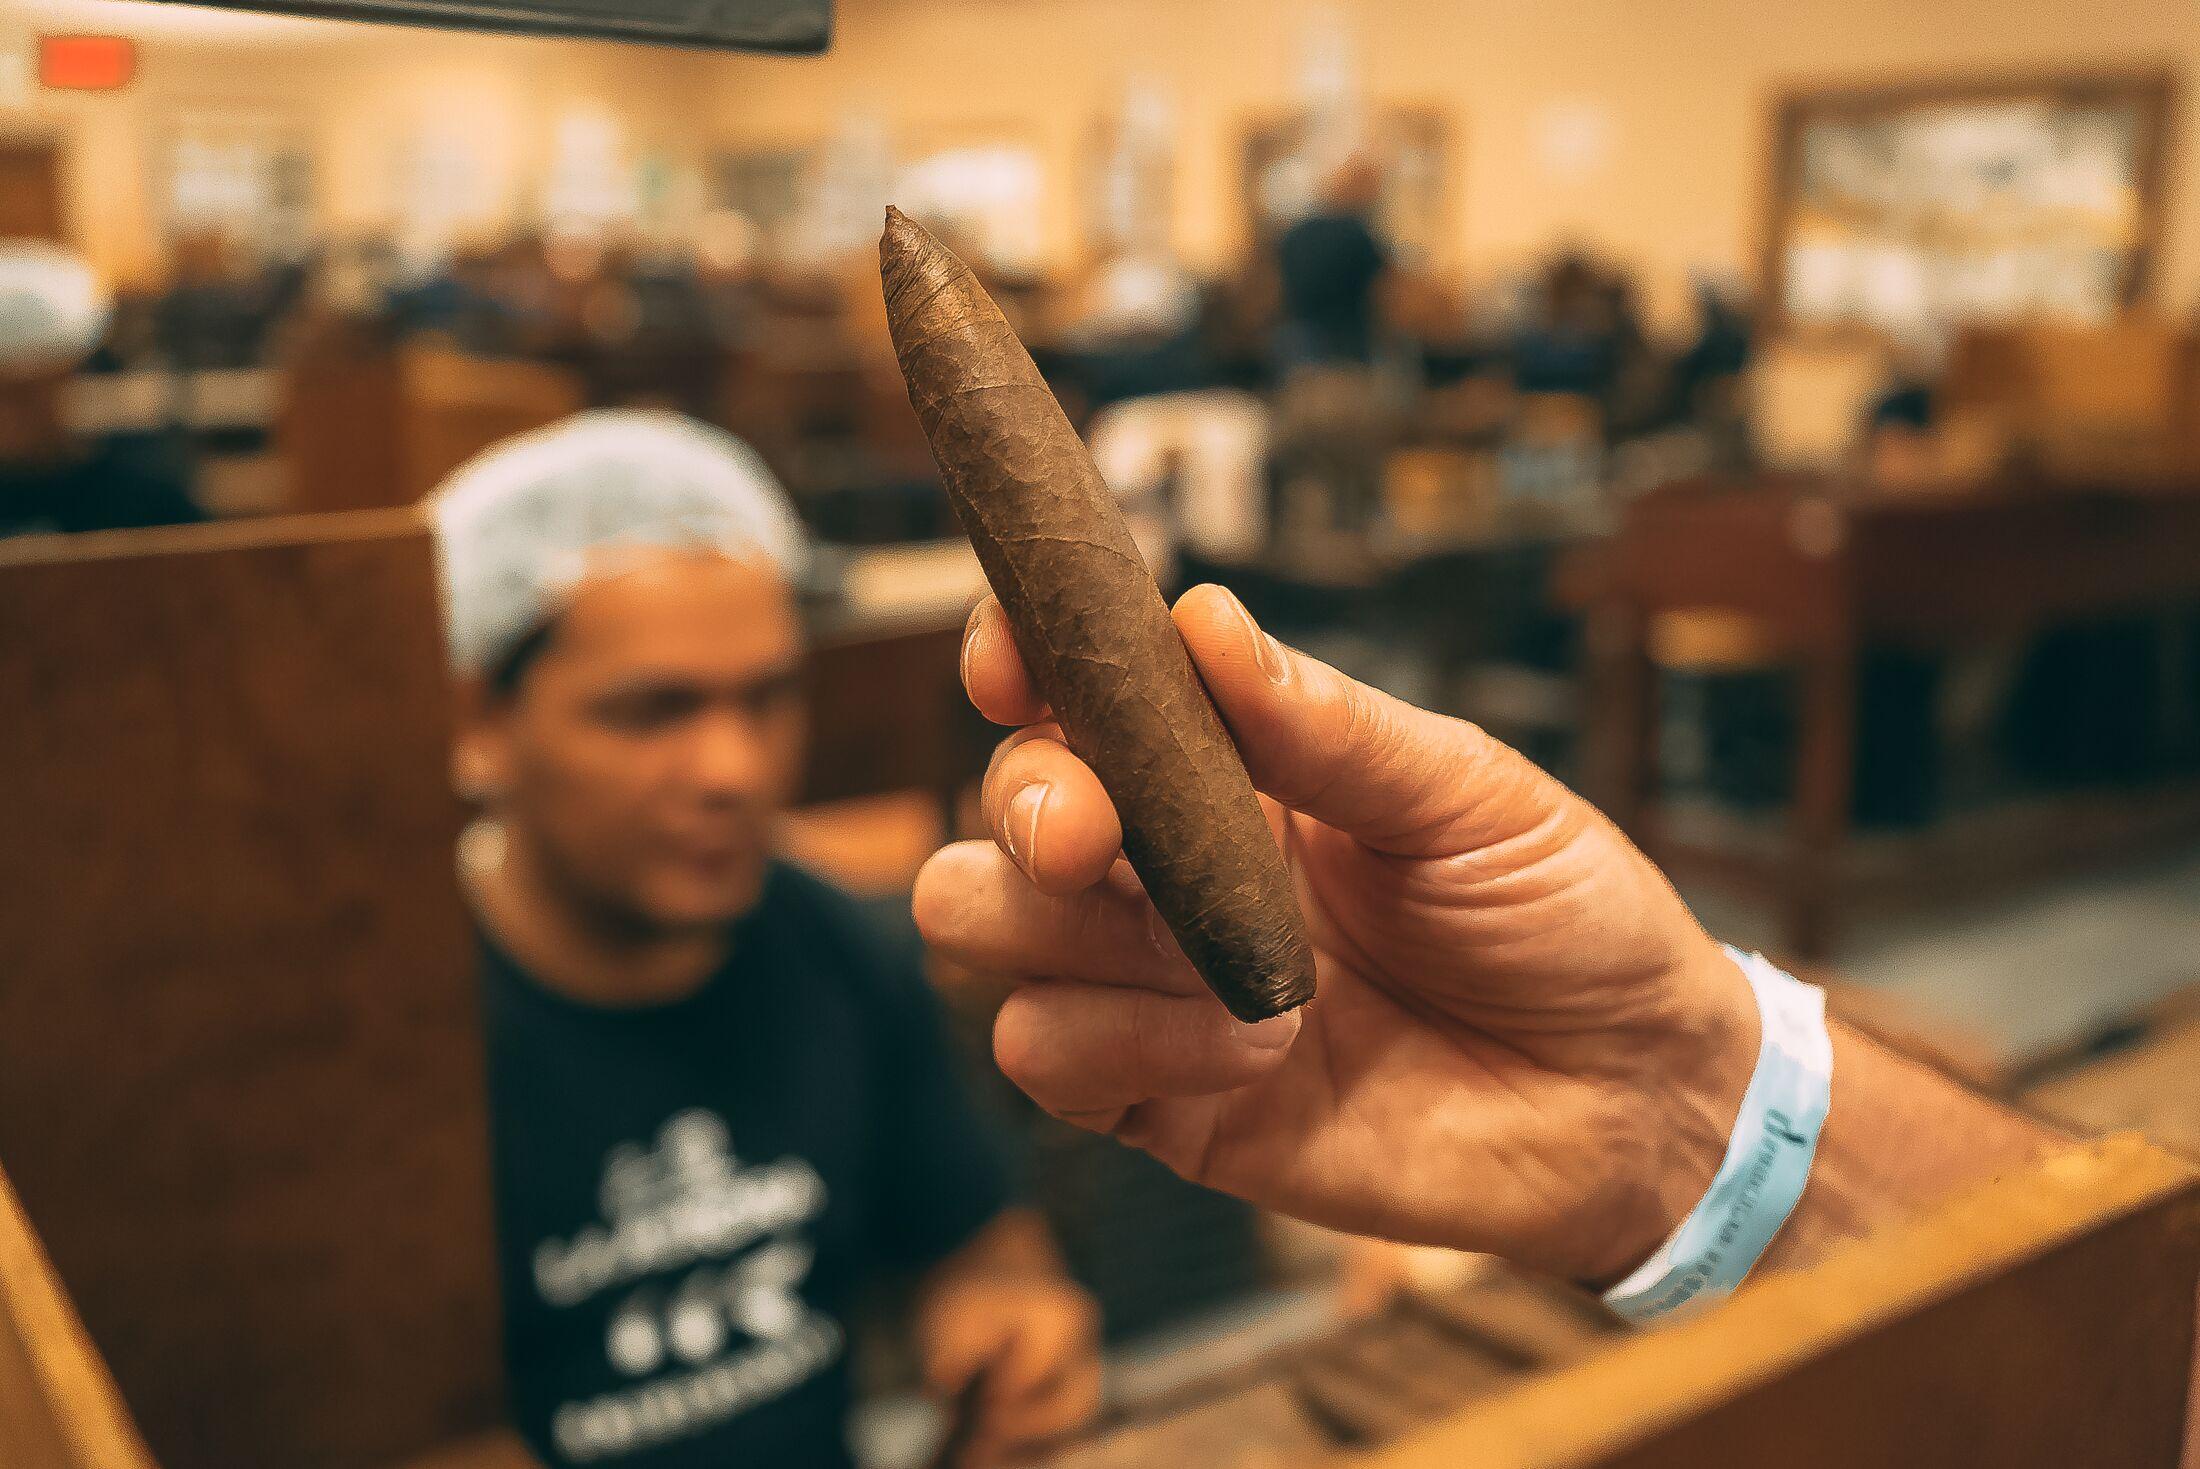 sites de rencontre pour les fumeurs de cigares datant de 4 mois cadeau d'anniversaire